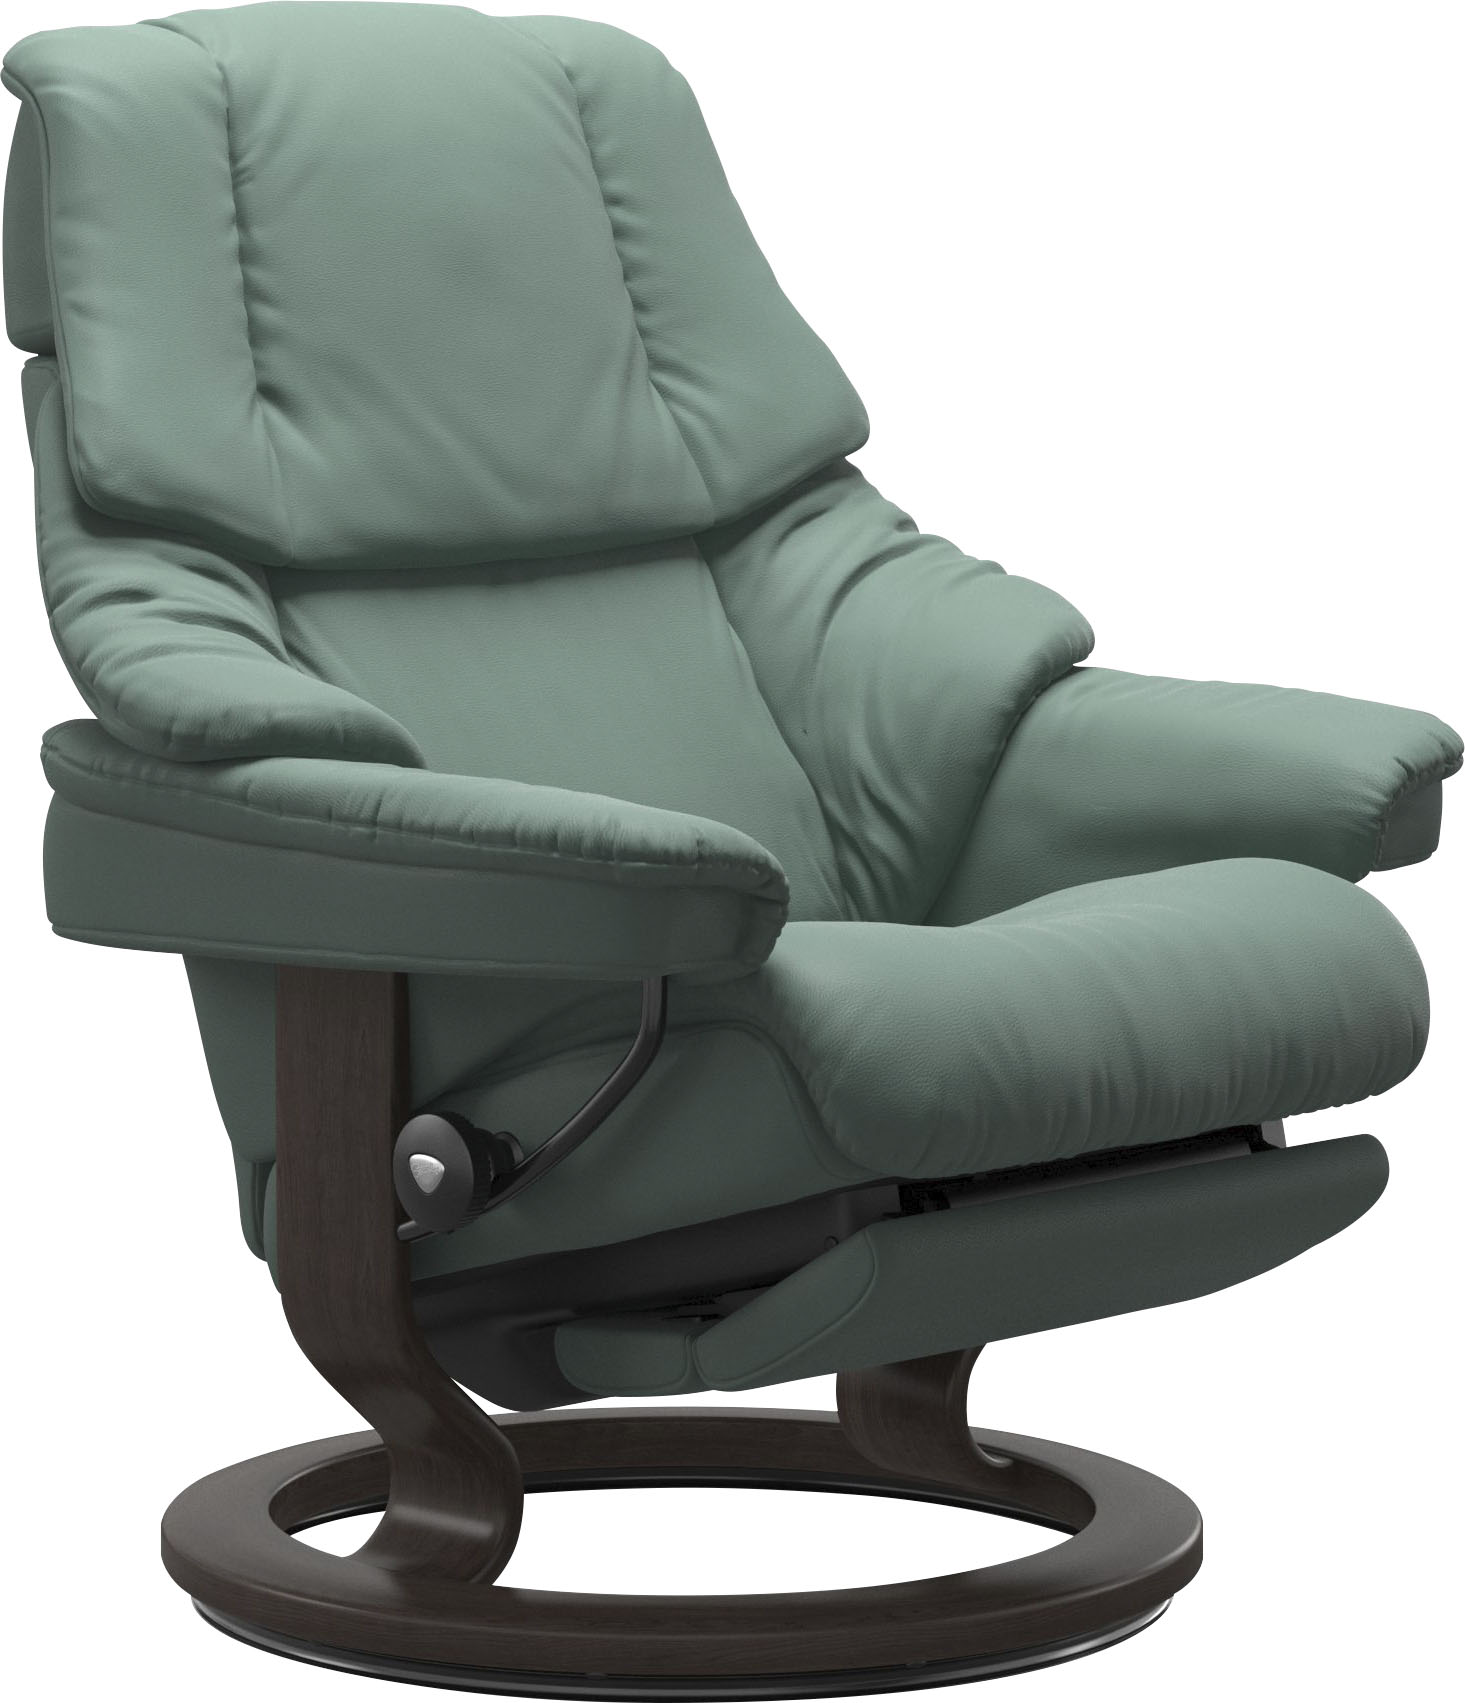 Stressless Relaxsessel Reno, mit Classic Base und Power™, elektrisch verstellbar, optional 2-motorisch, Größe M & L, Gestell Wenge